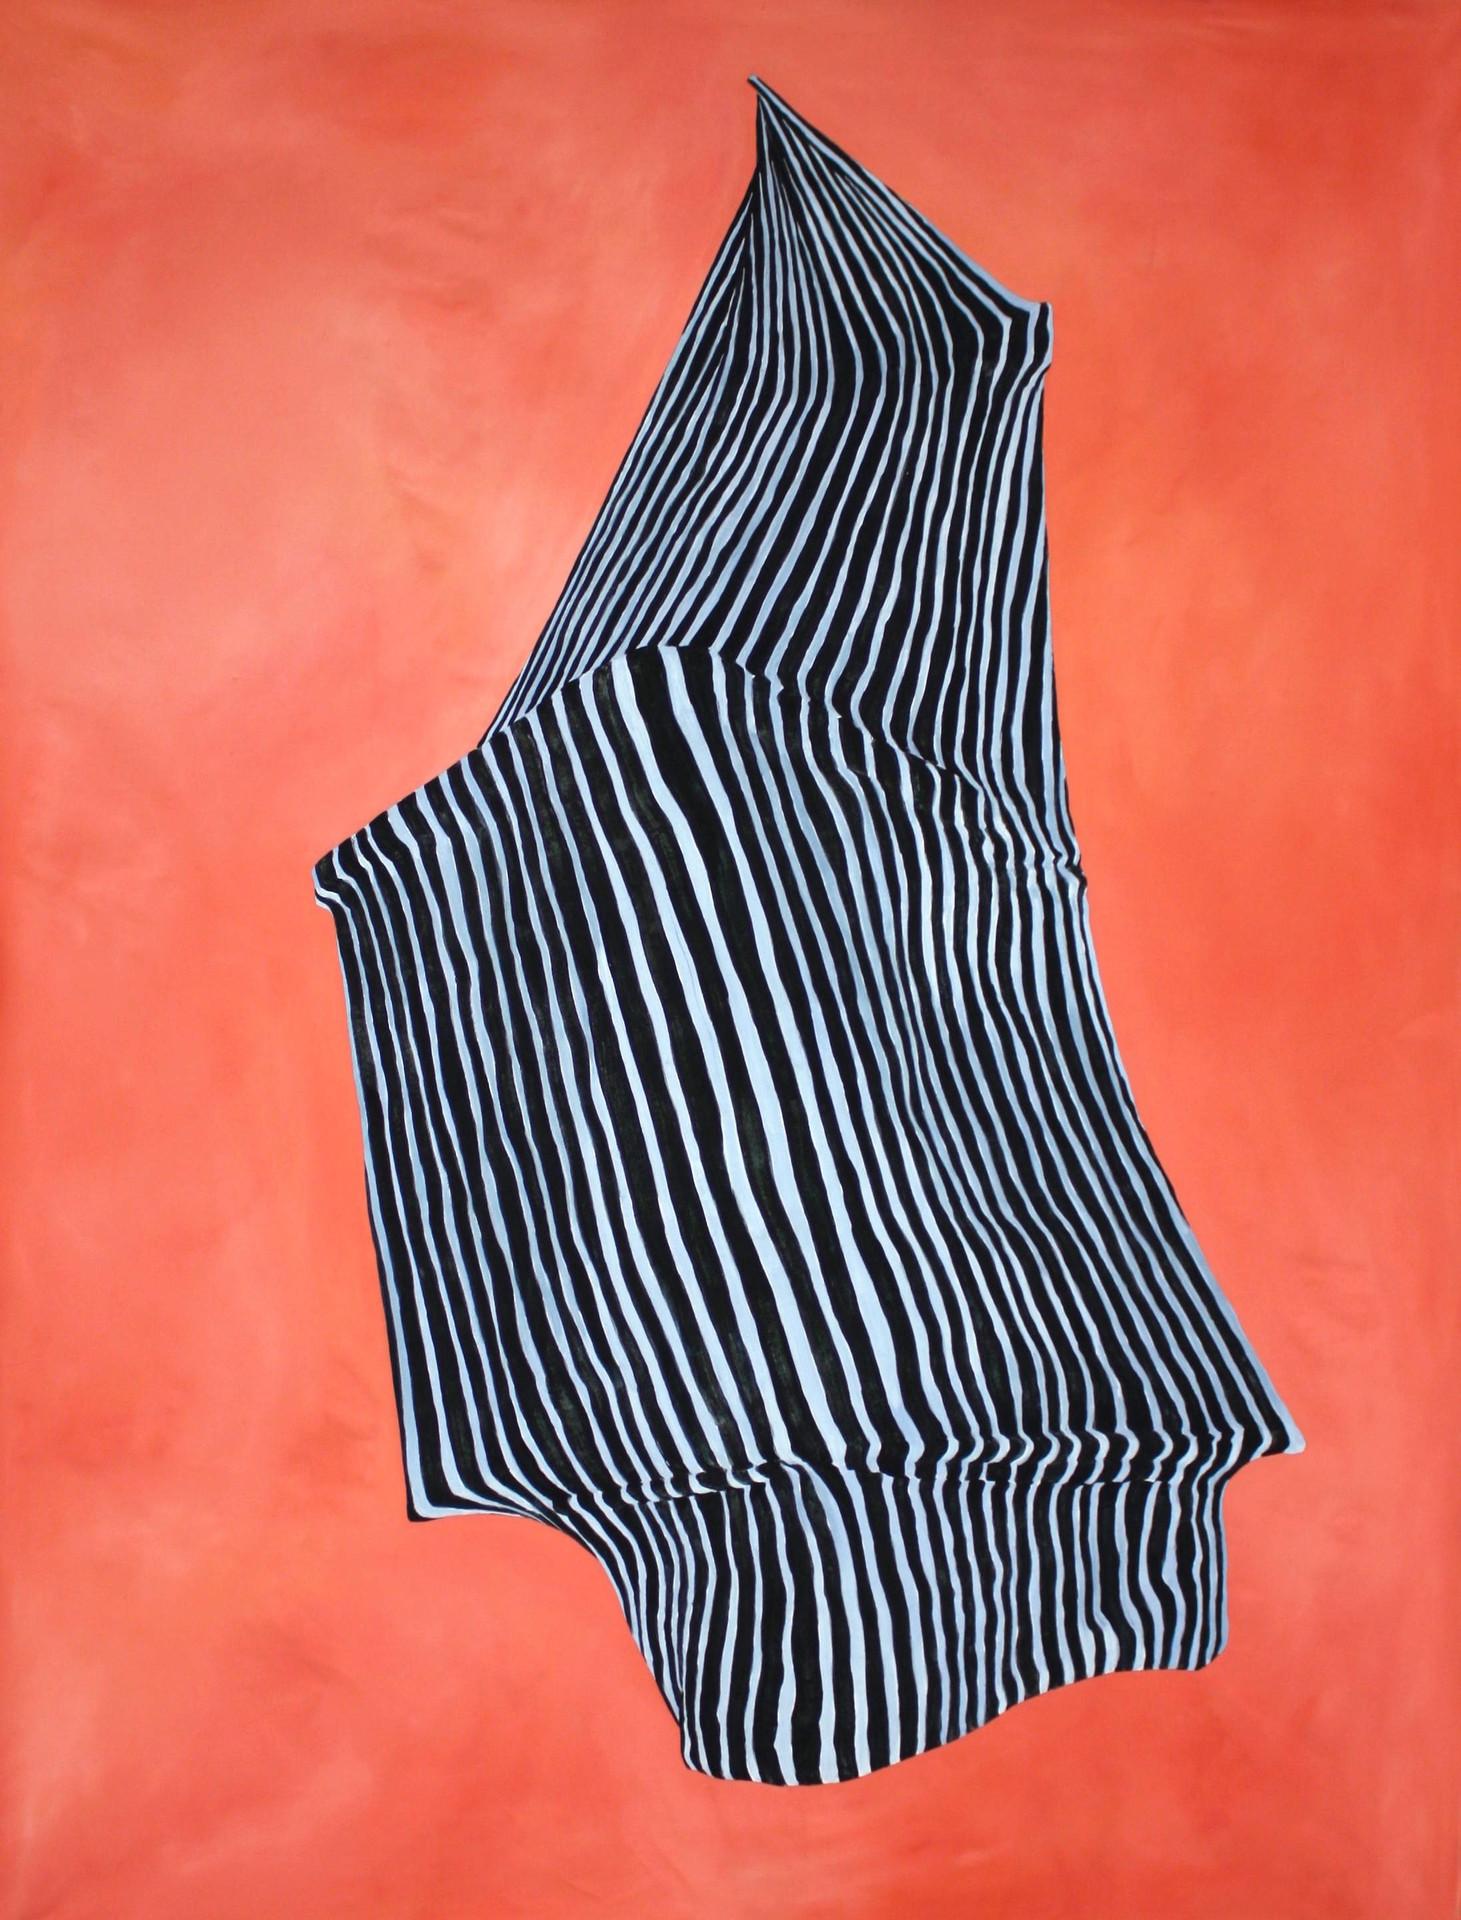 Rör I,190x135 cm, olja, tempera och akryl på bomullsduk, 2018